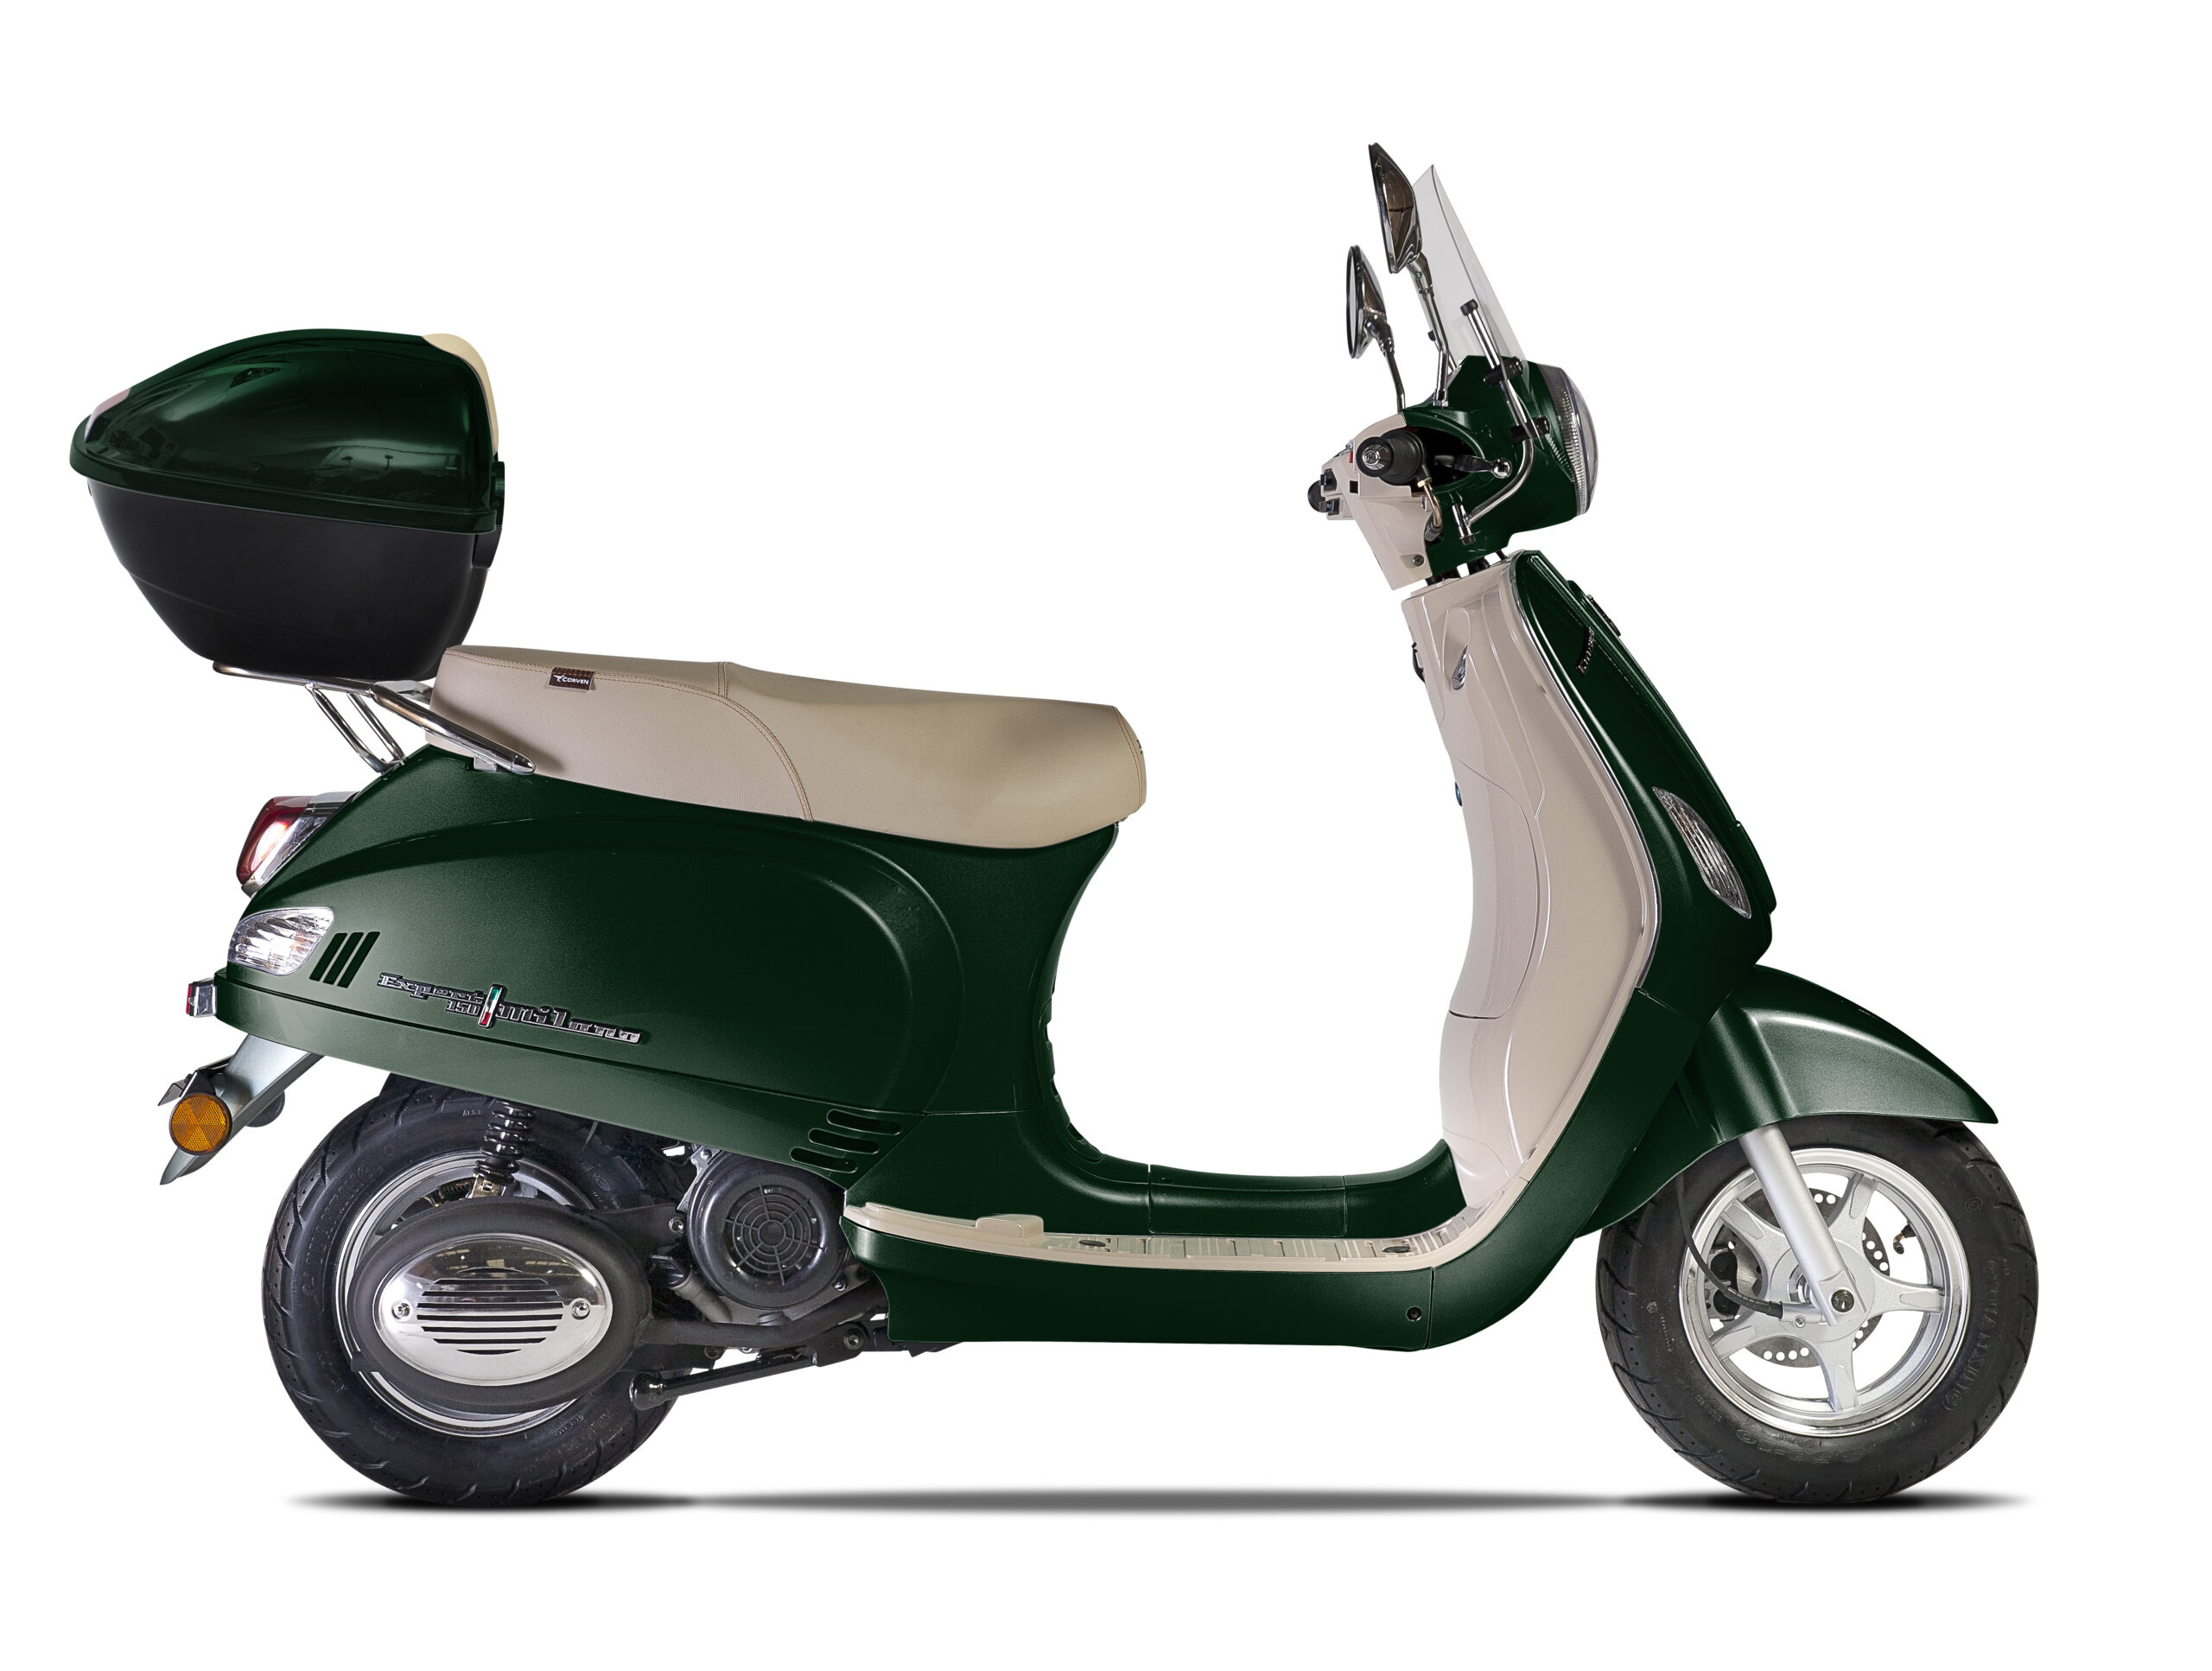 Corven Motos, Lanza el Expert Milano ahora con un baúl trasero!